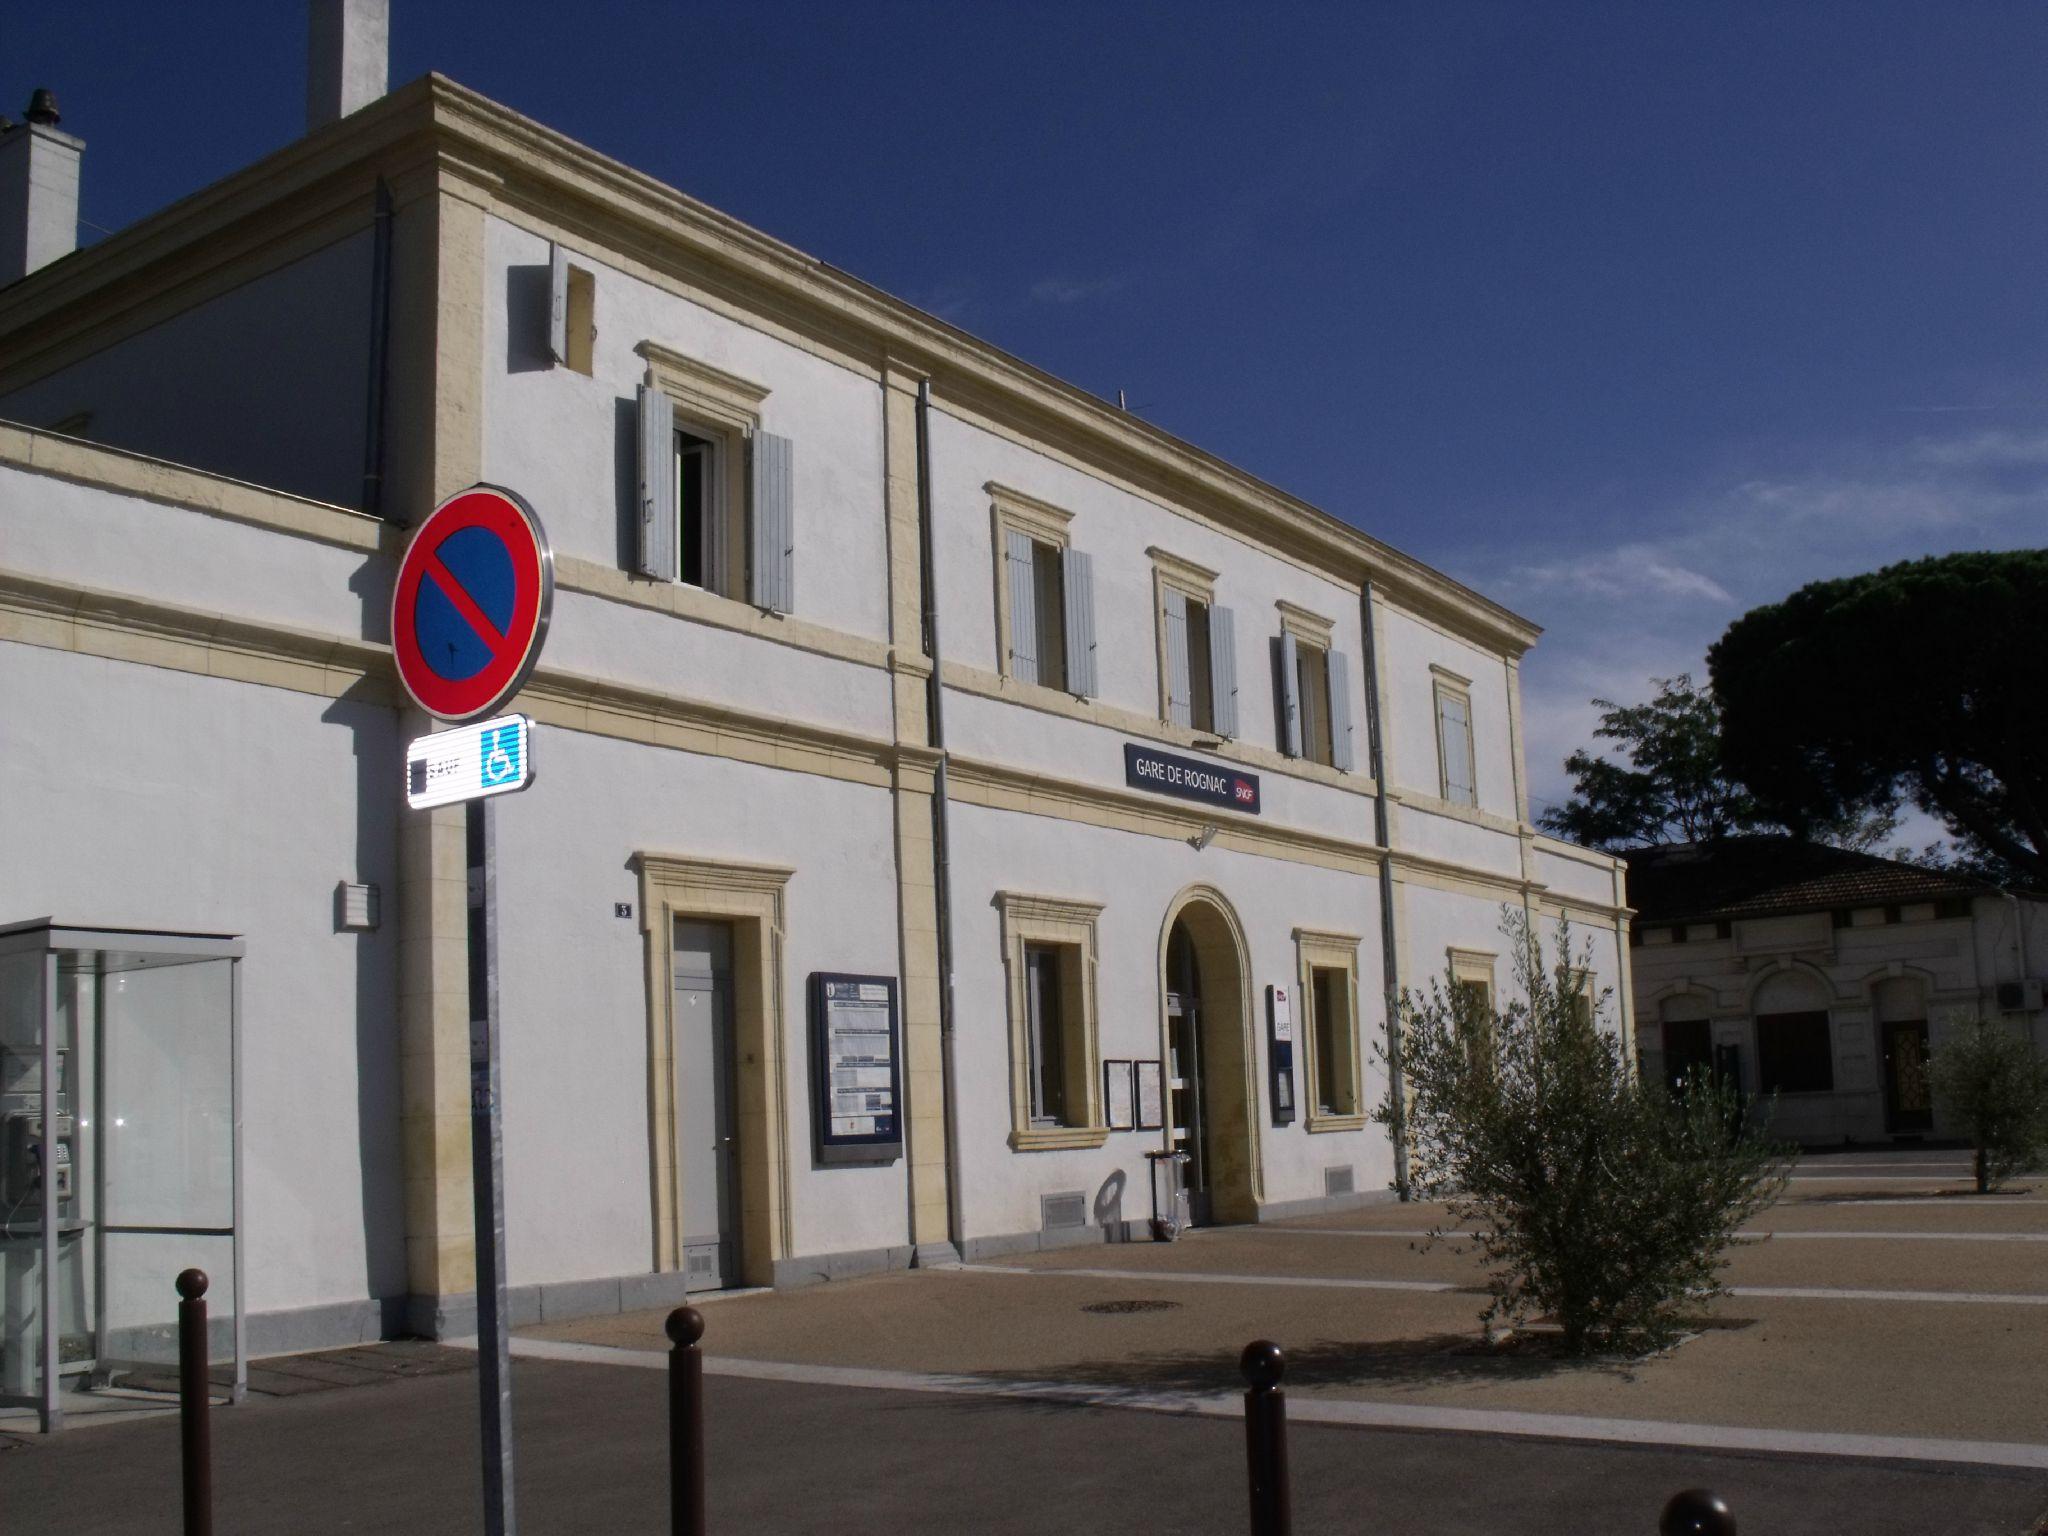 Rognac (Bouches-du-Rhône) 1